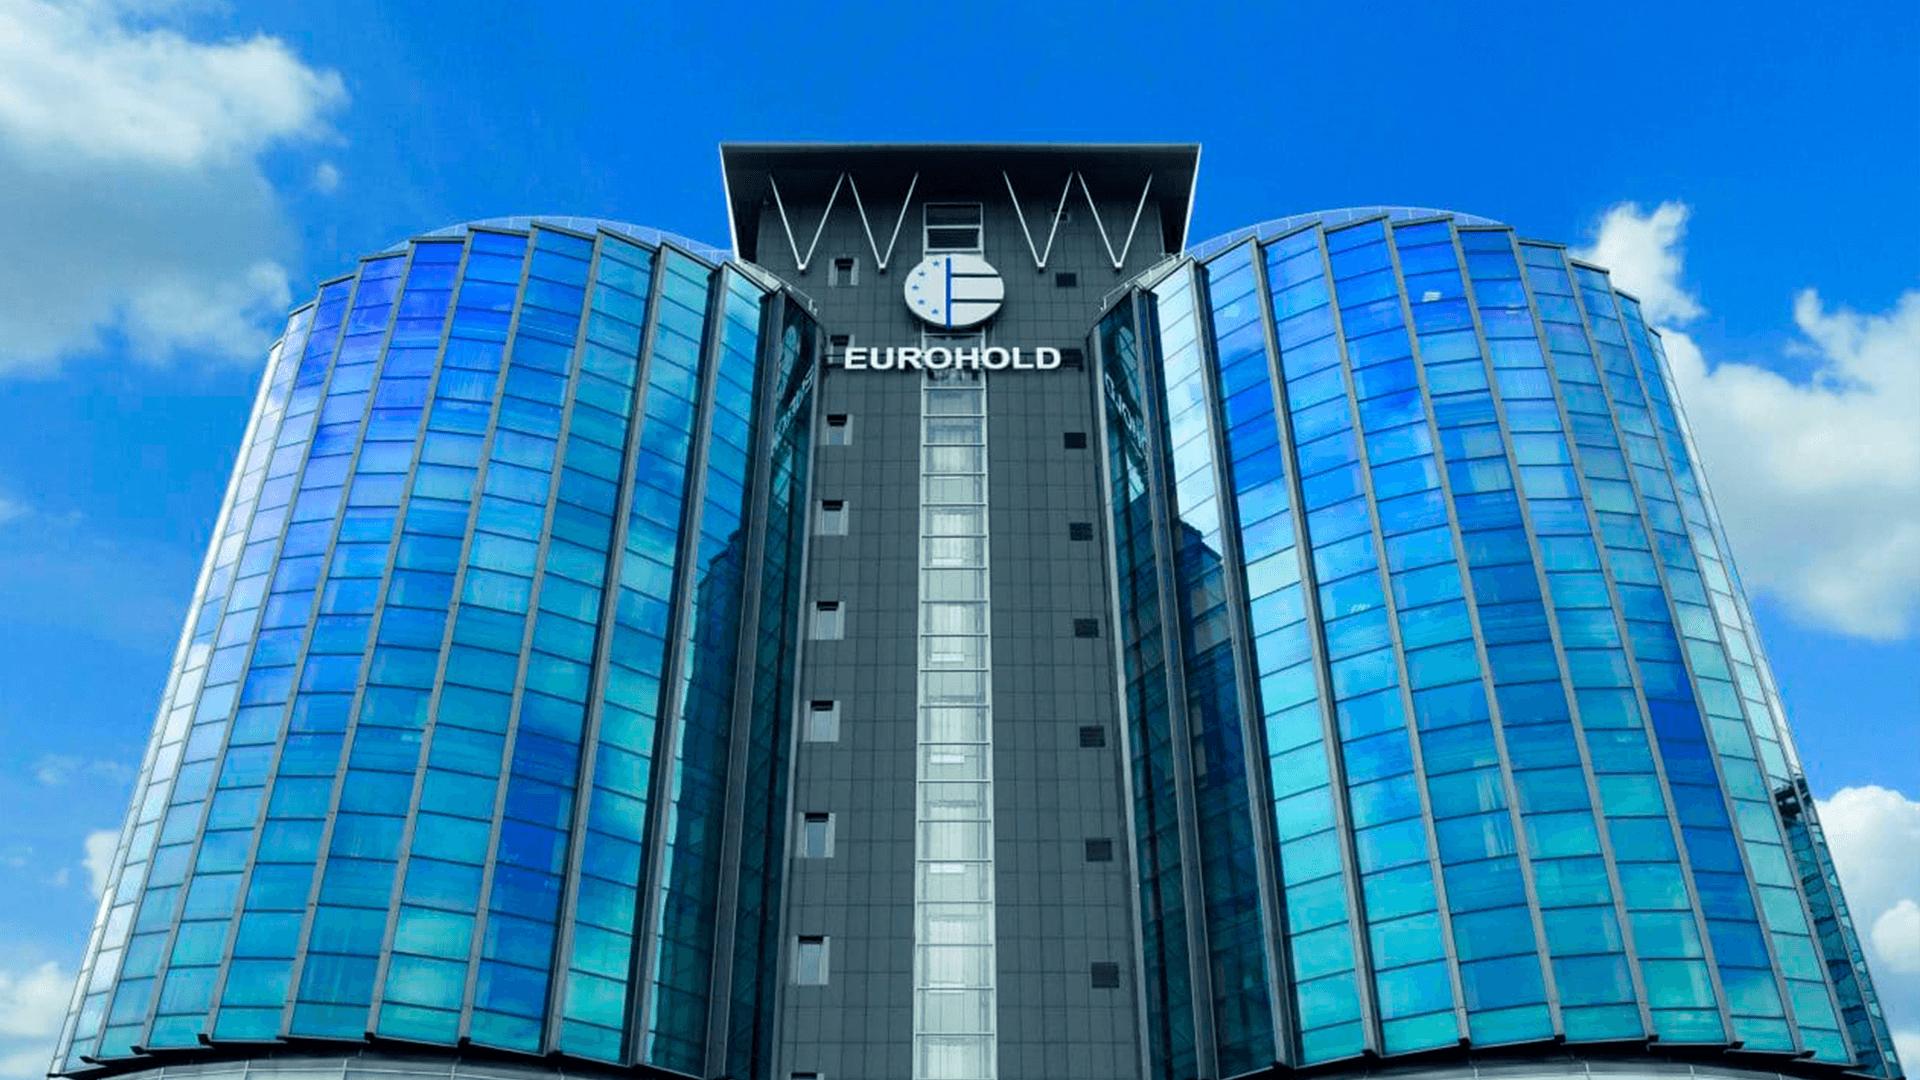 ЄБРР і Eurohold схвалили операцію з придбання міноритарного пакету акцій Euroins Insurance Group